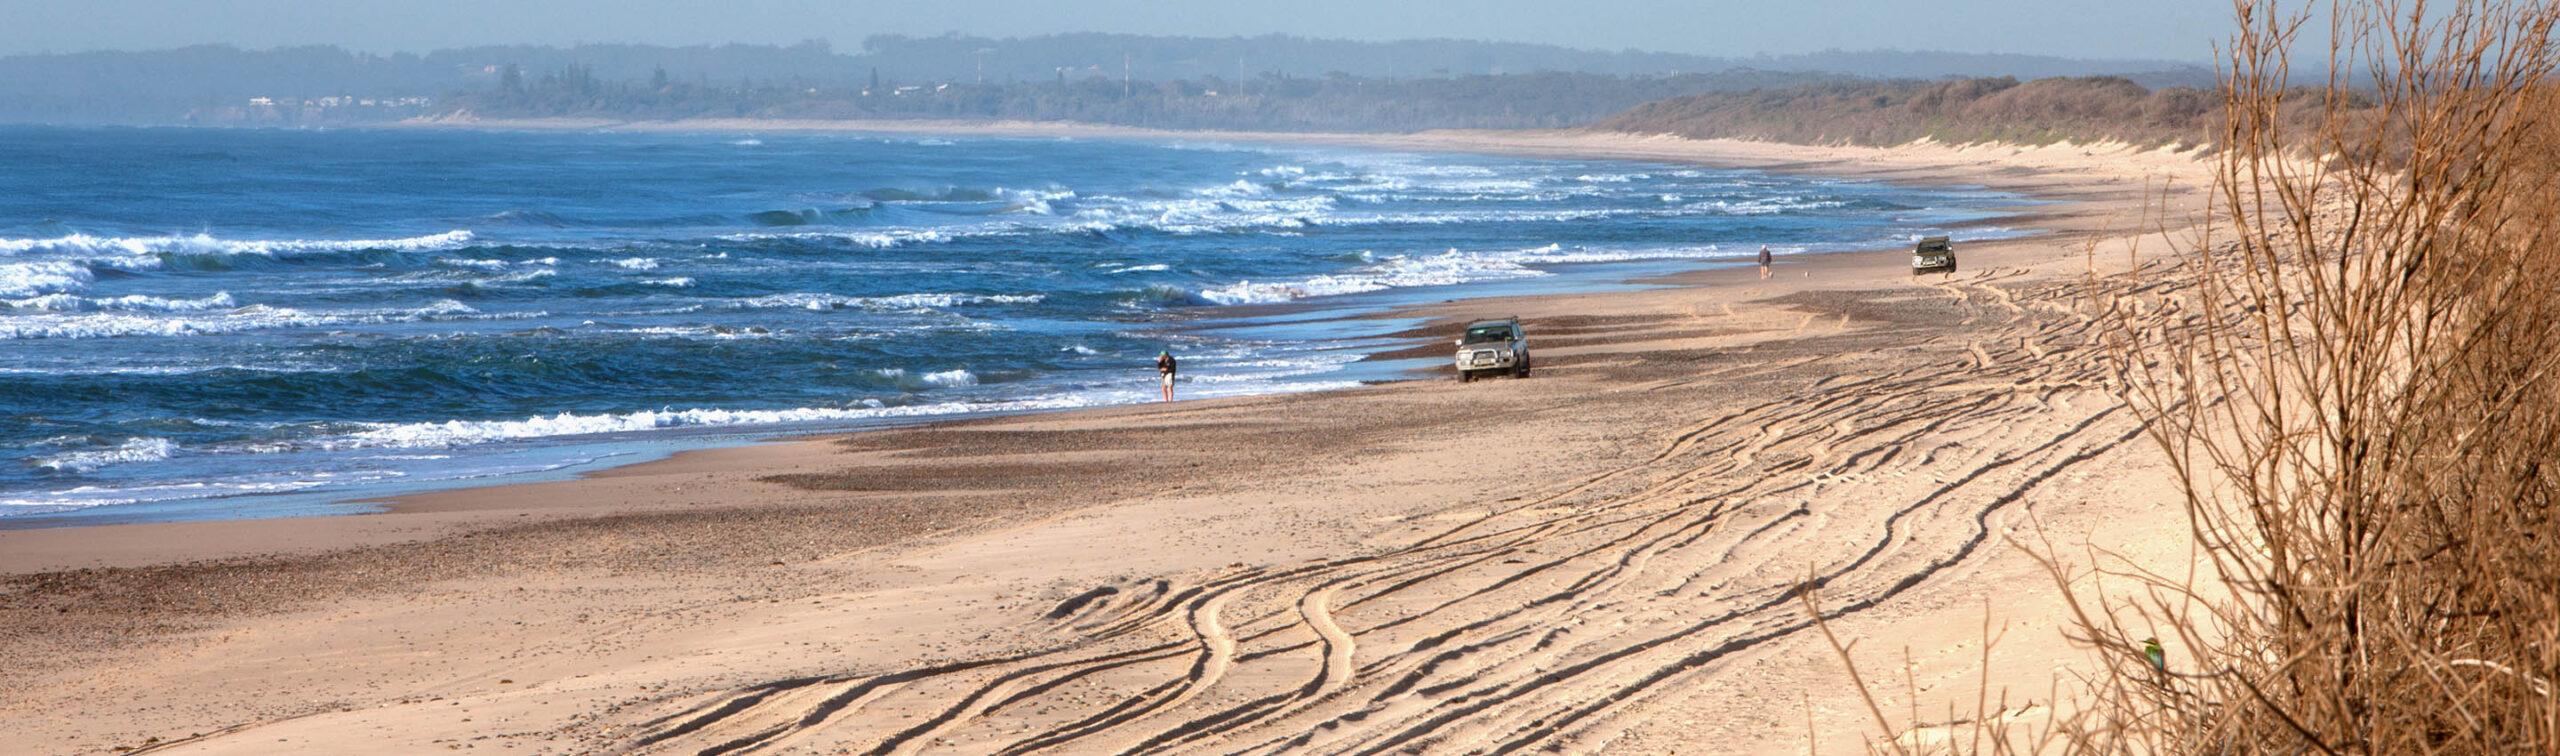 Melaleuca Seaside Retreat - 4WD Seaside Escapades